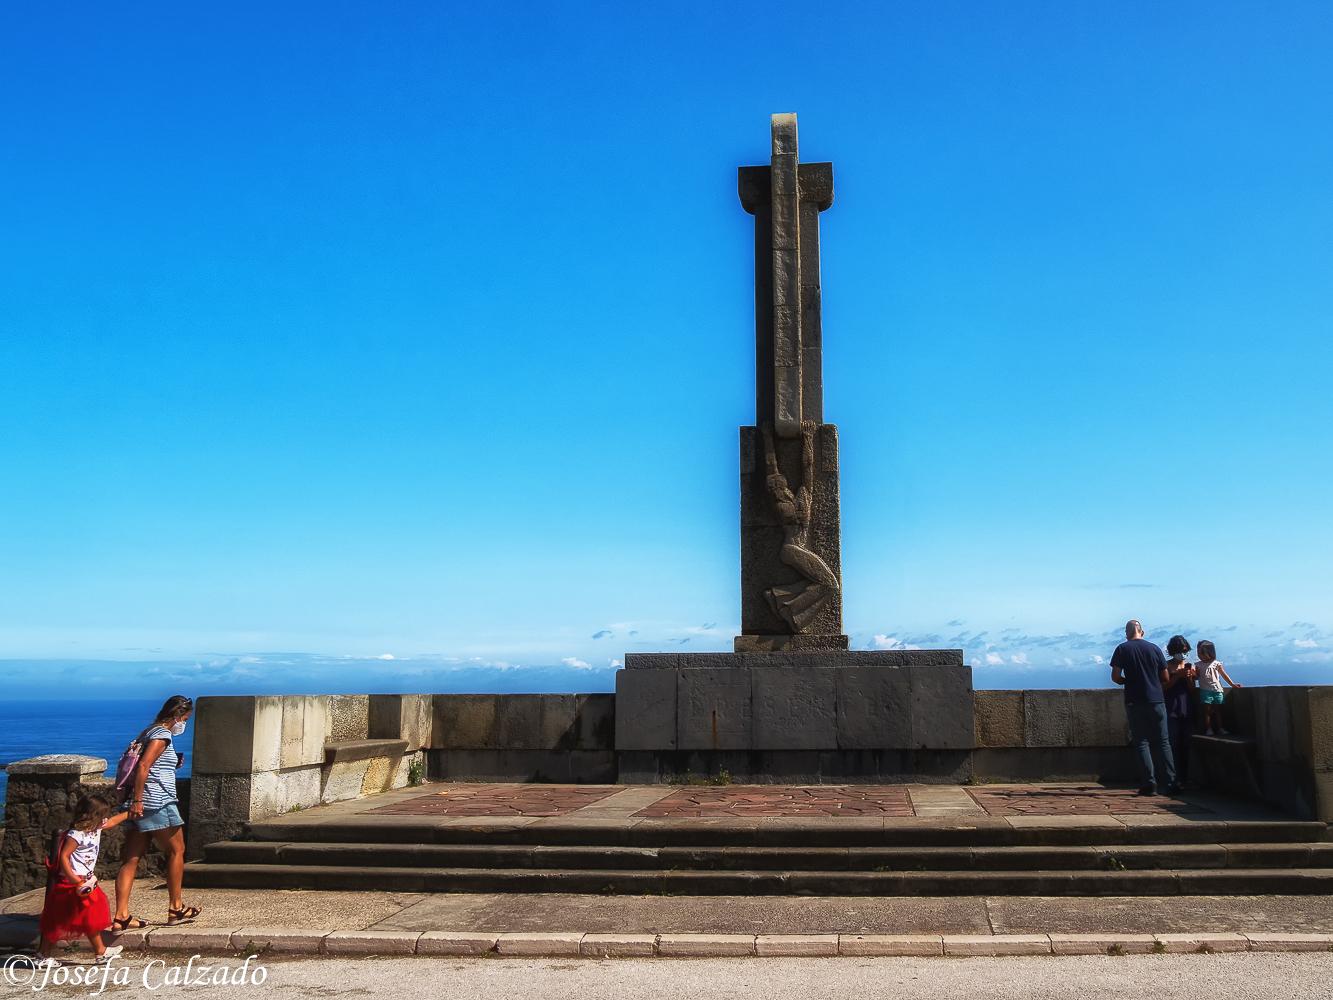 Monumento a los Caídos en la Guerra Civil Española